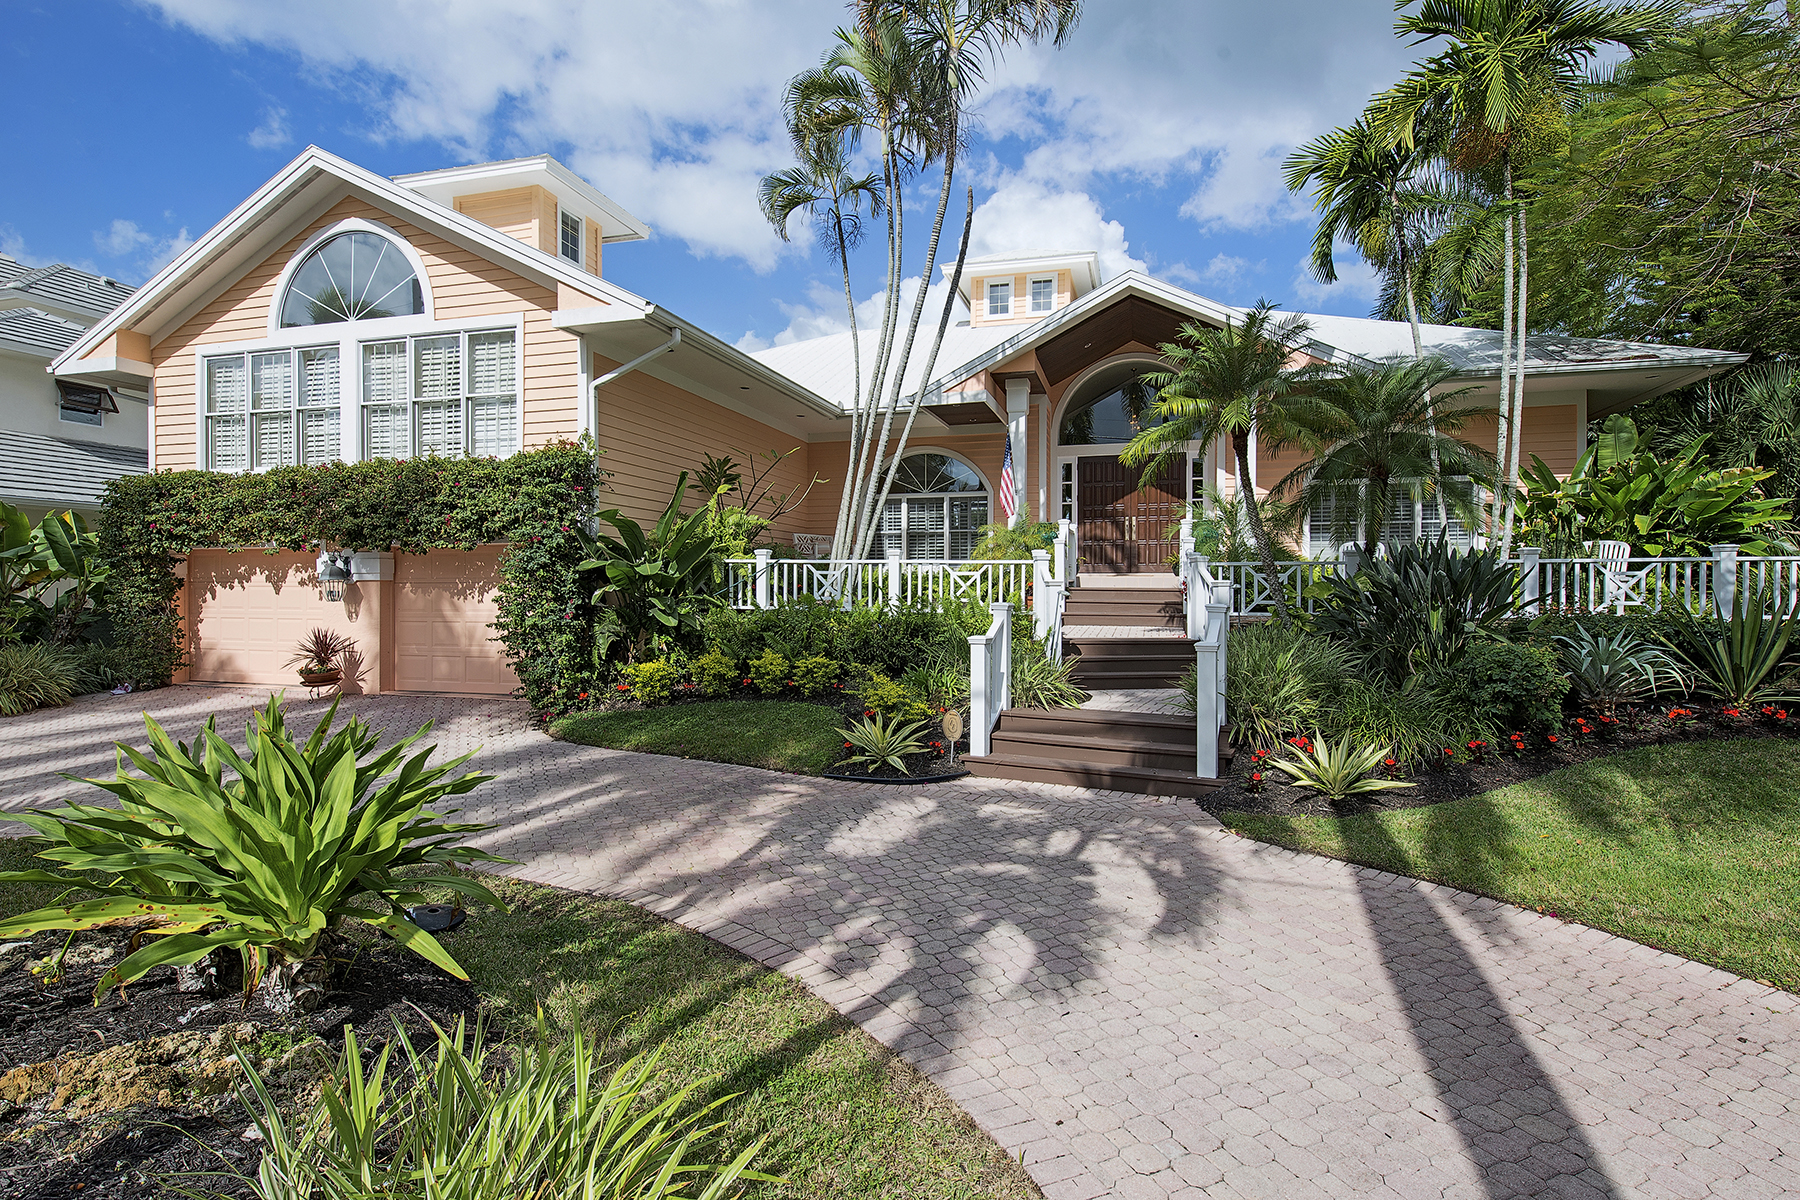 Villa per Vendita alle ore AQUALANE SHORES 719 17th Ave S Naples, Florida 34102 Stati Uniti